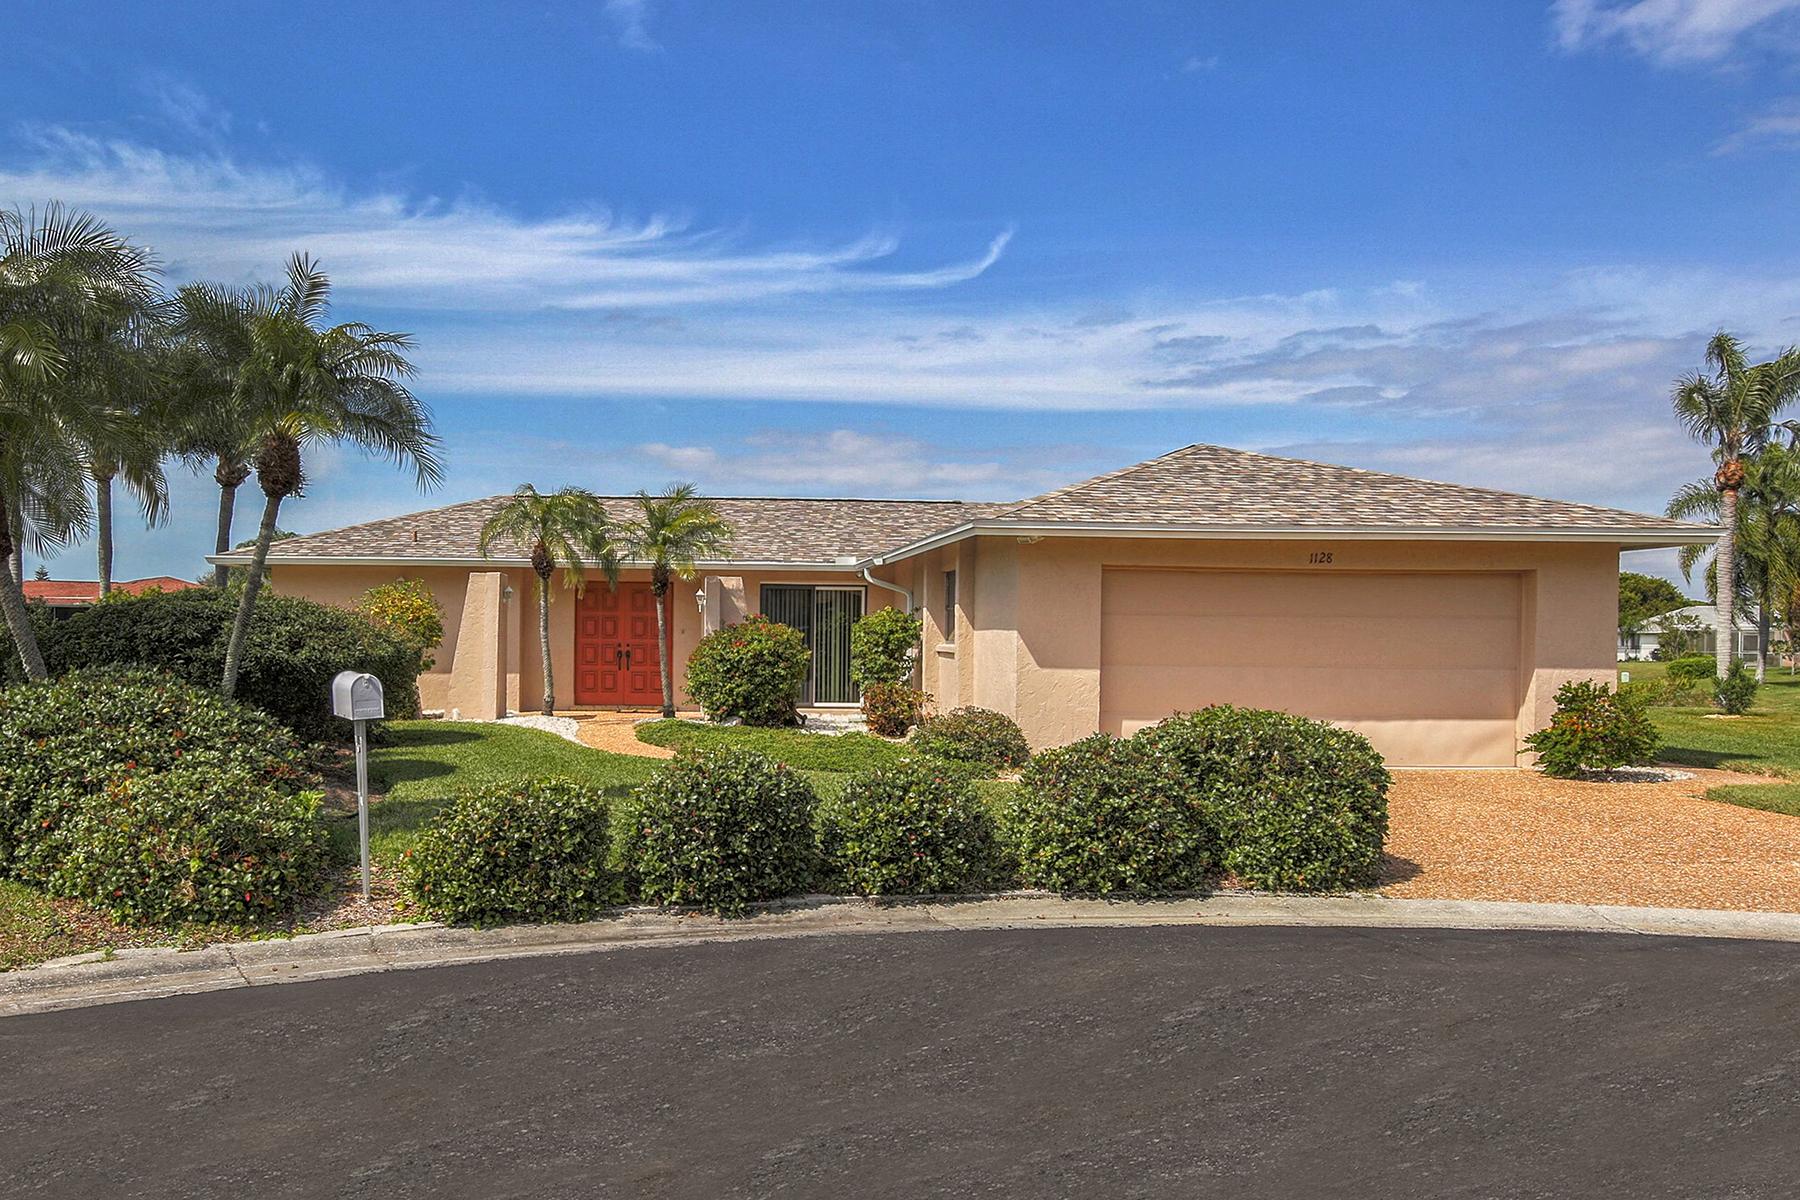 Einfamilienhaus für Verkauf beim JACARANDA WEST 1128 Shane Ct Venice, Florida, 34293 Vereinigte Staaten